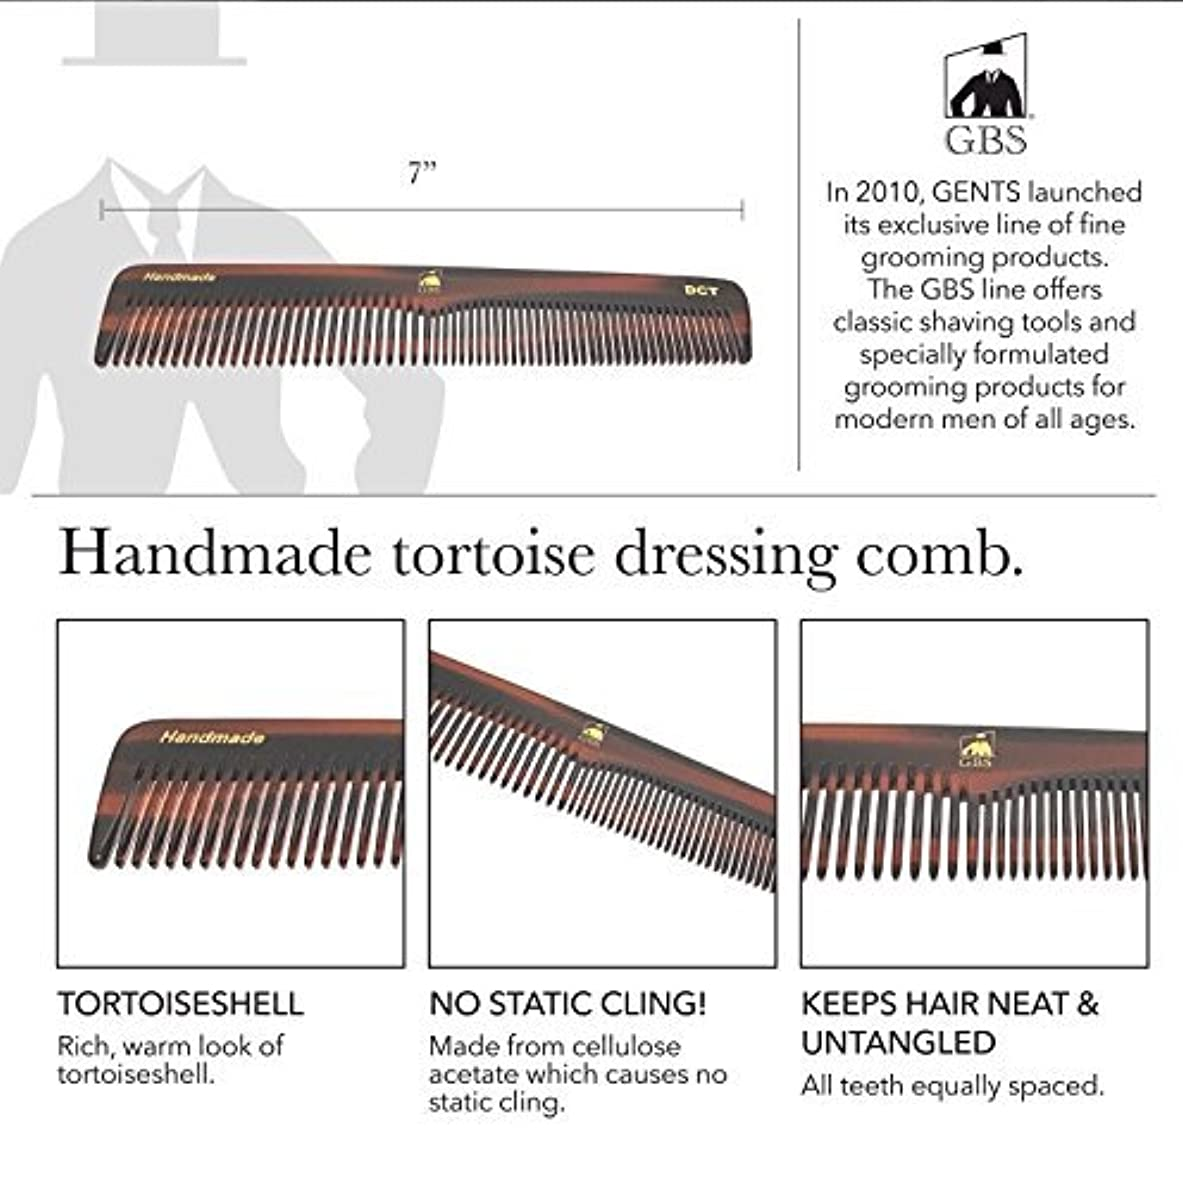 スリップシューズ責任者好きであるGBS Premium Anti-Static Hand Made Coarse/Fine Toothed Dressing, Grooming, and Styling Comb for Men/Women, 7